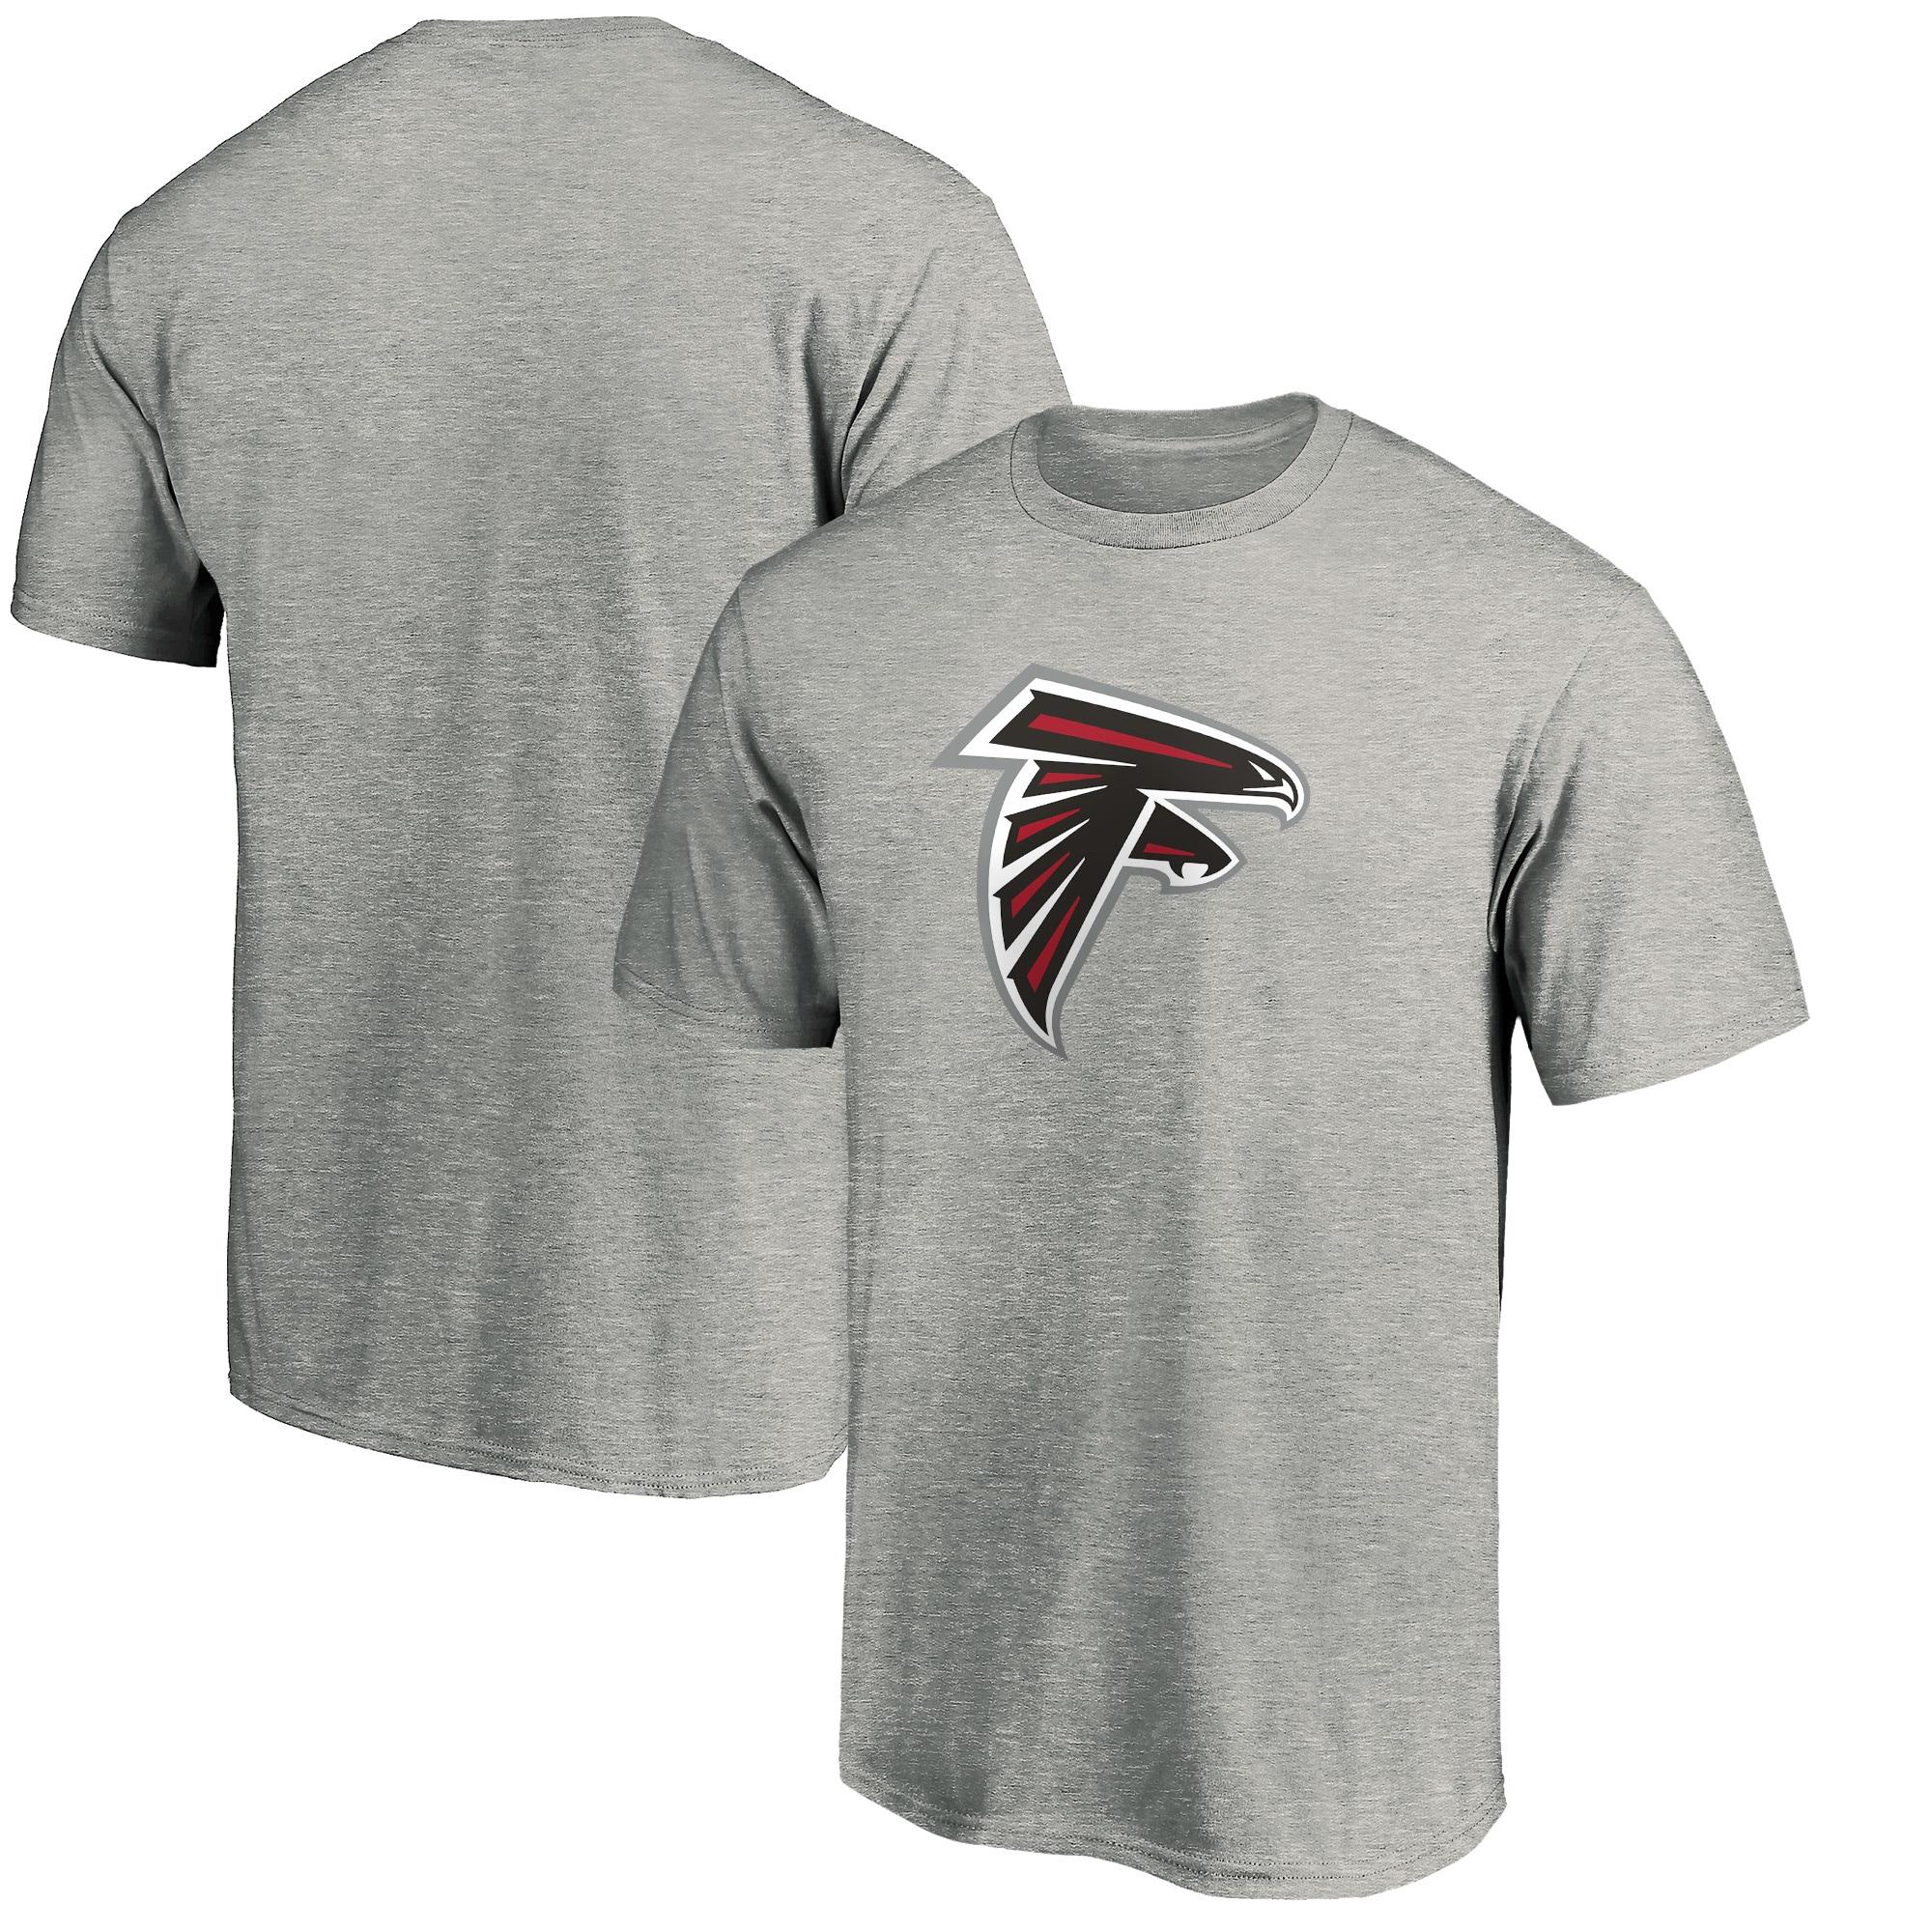 Atlanta Falcons NFL Pro Line by Fanatics Branded Primary Logo T-Shirt - Heather Gray